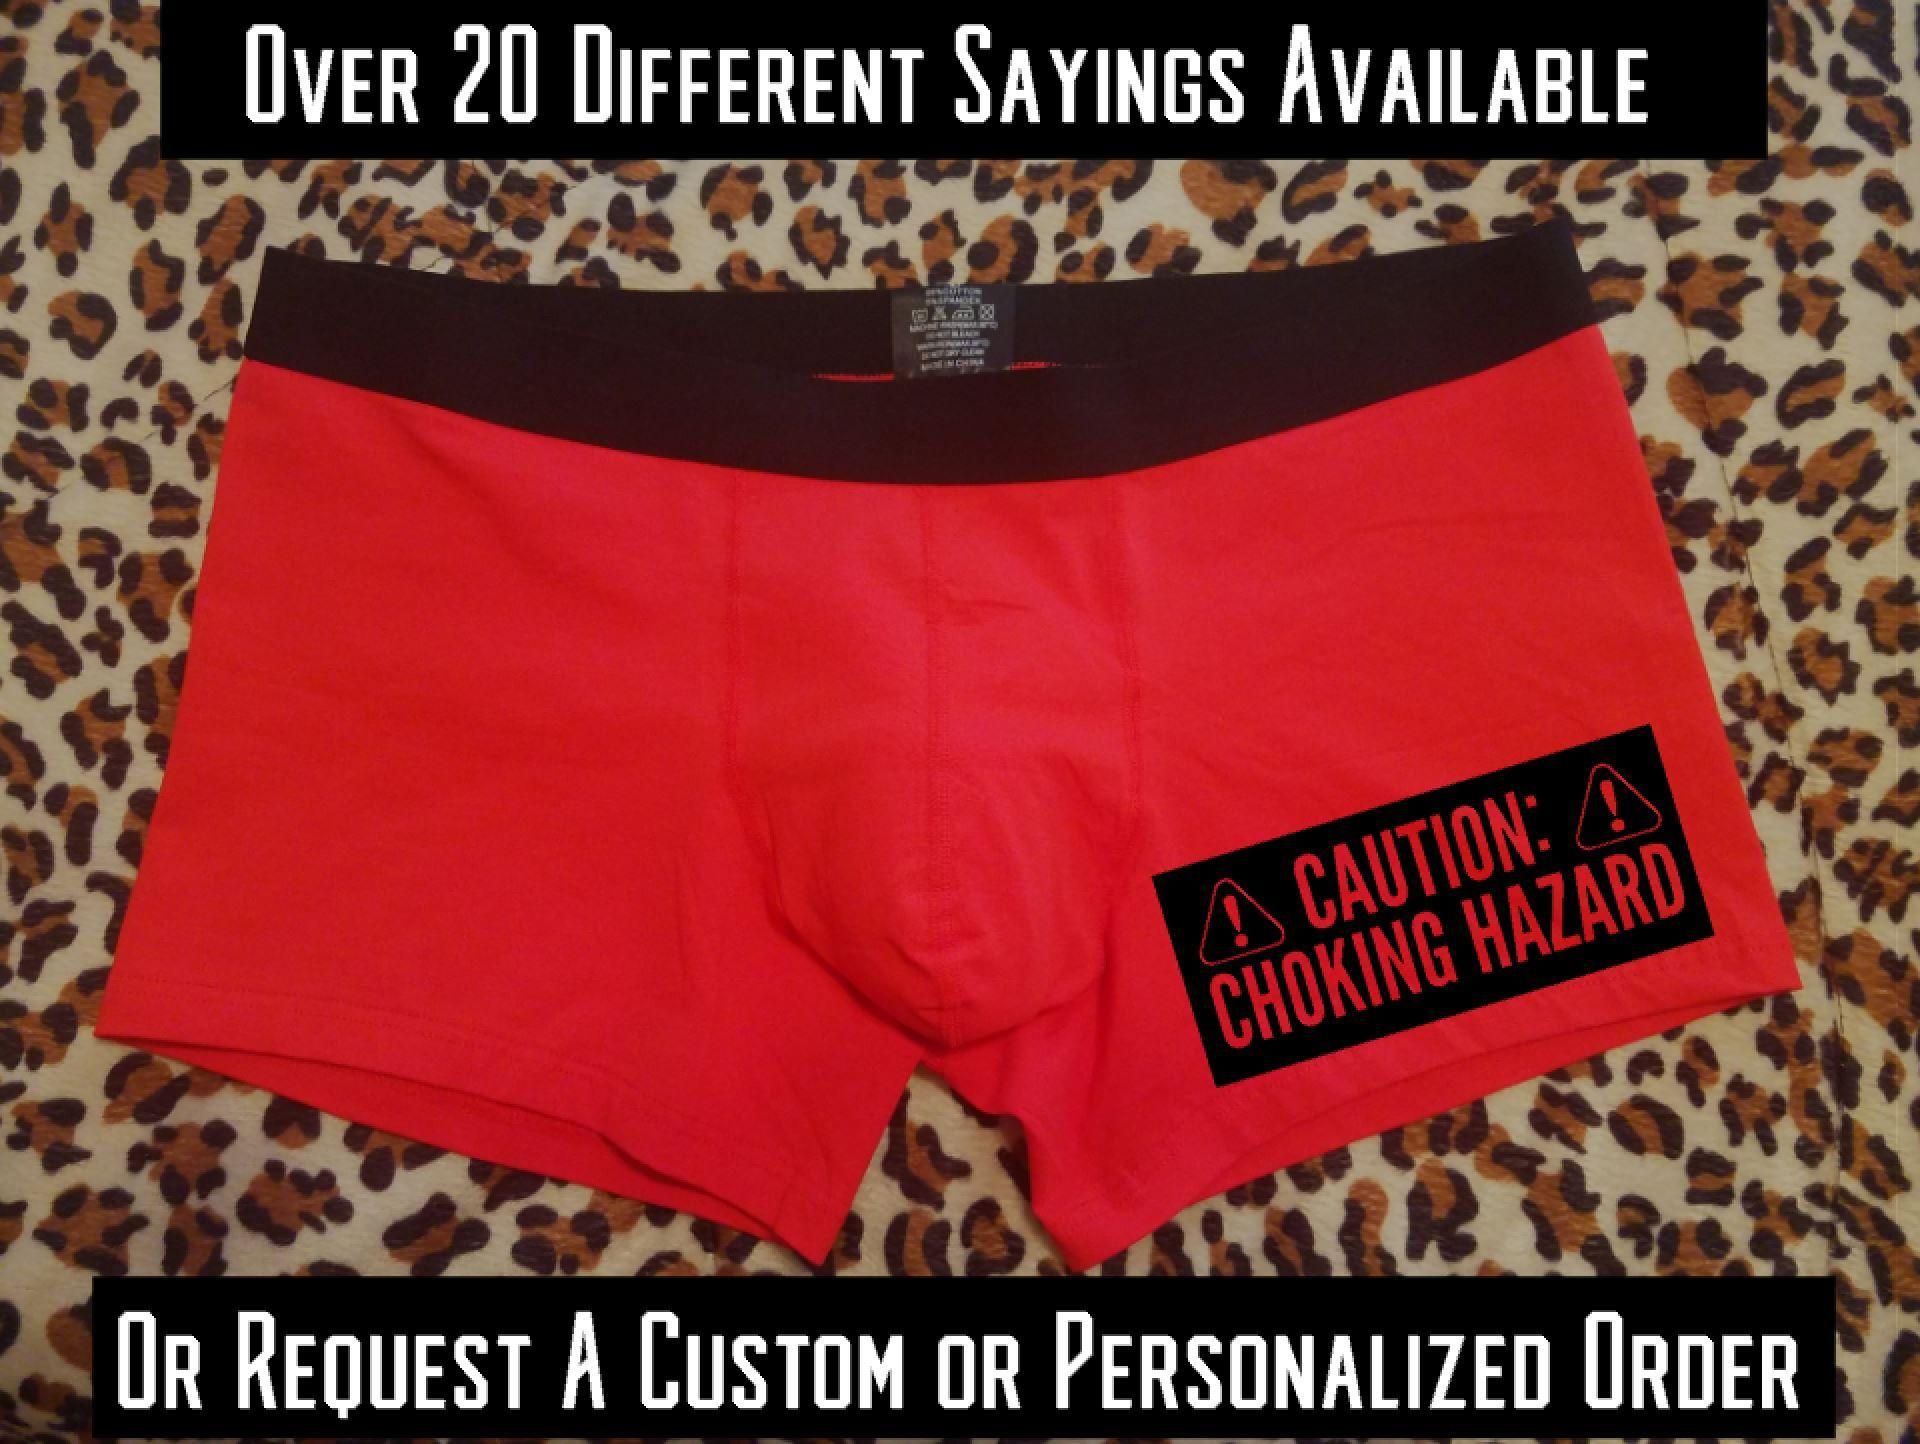 caution choking hazard valentines present for him novelty underwear funny underwear